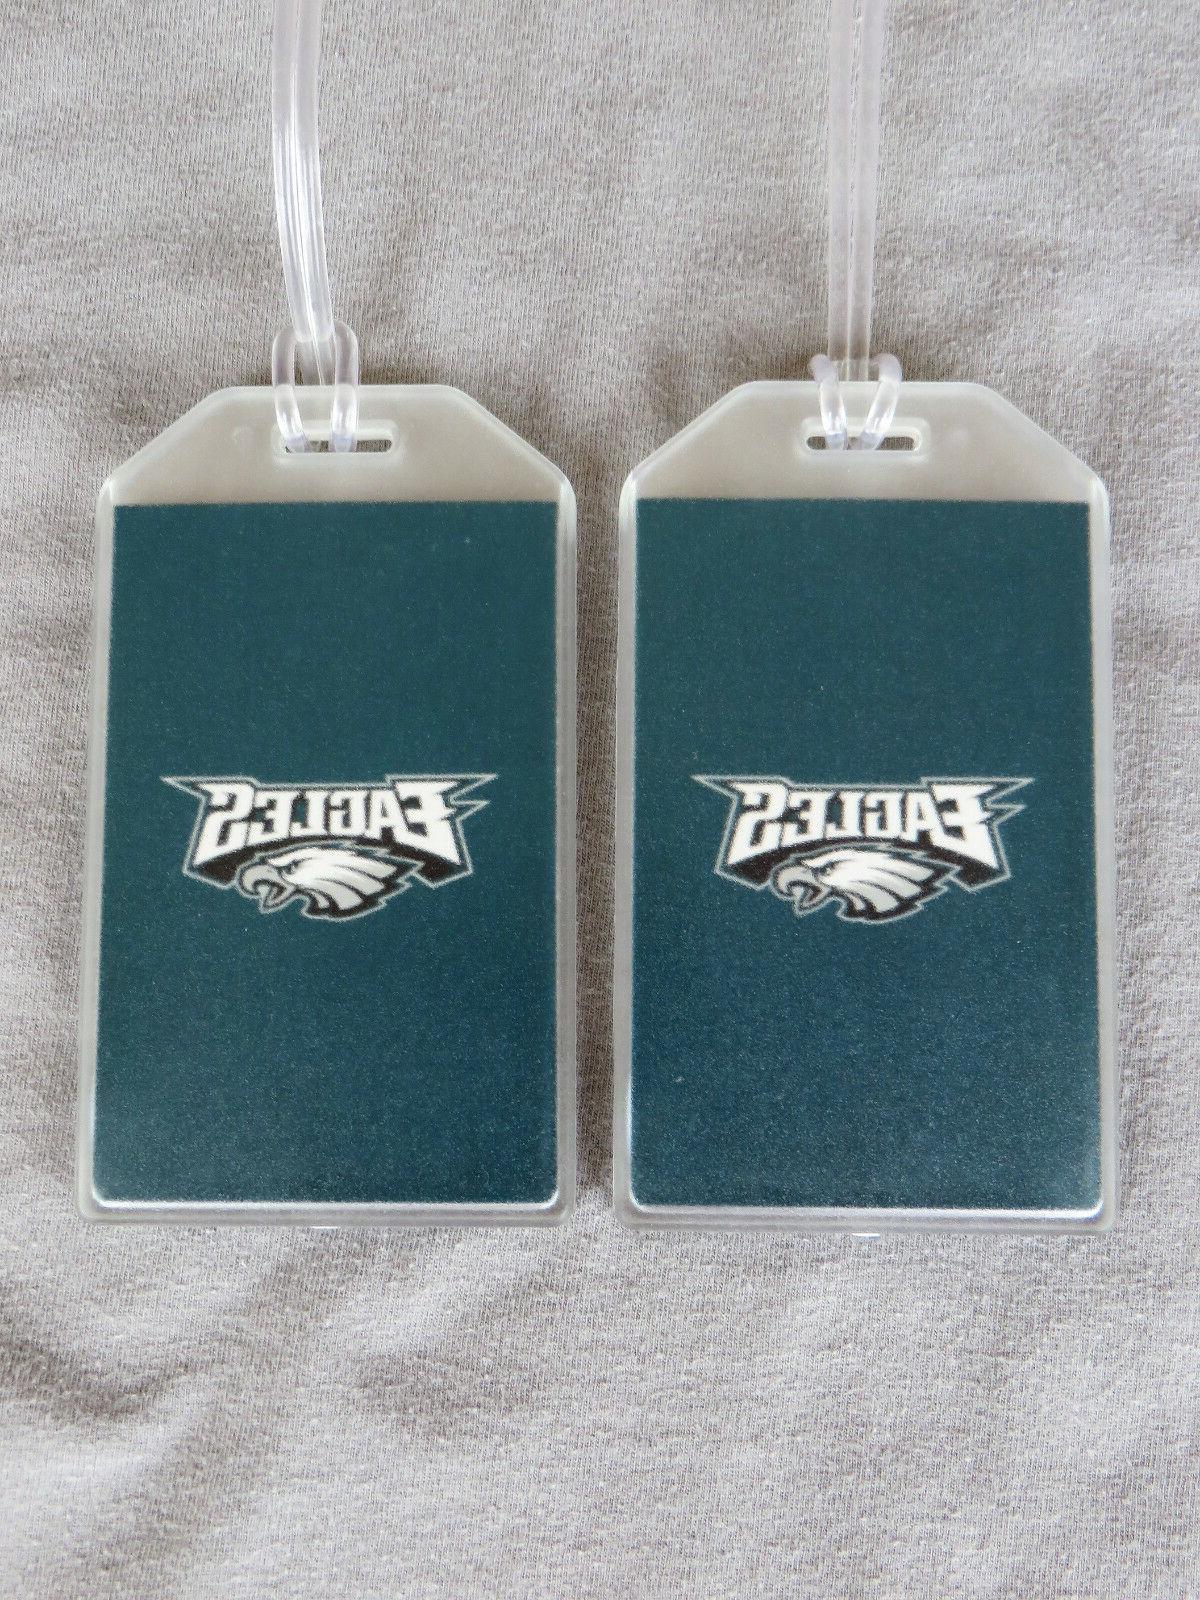 philadelphia eagles luggage tags set of 2